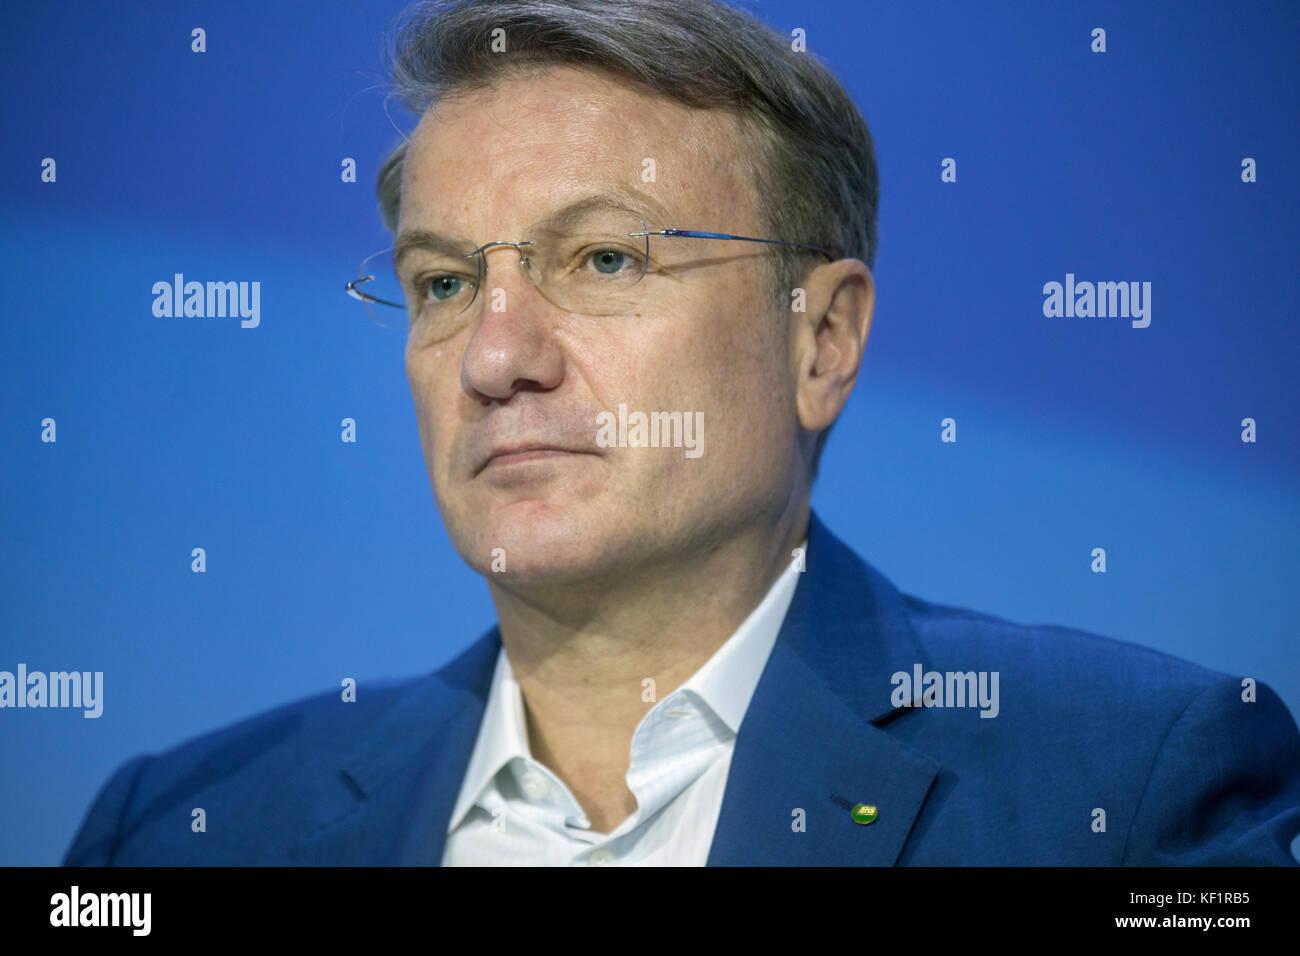 Ceo und Vorsitzender der Geschäftsleitung bei der russischen Sberbank, German Gref, an einer Podiumsdiskussion Stockbild